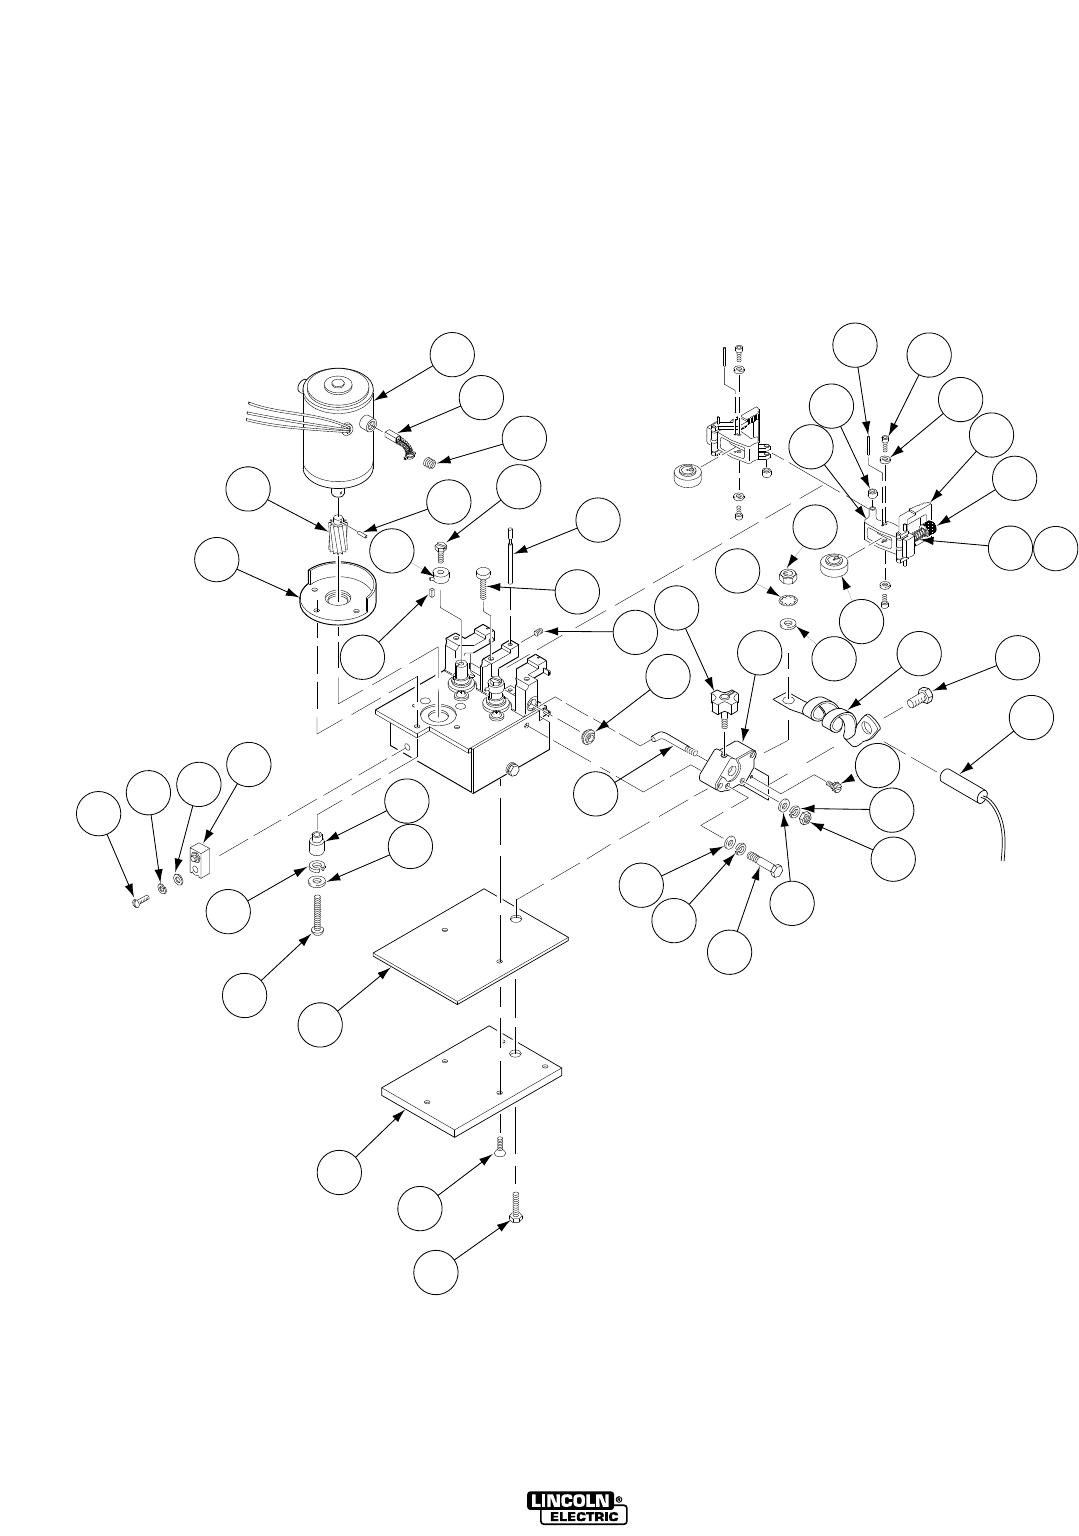 P 127 jp 127 j